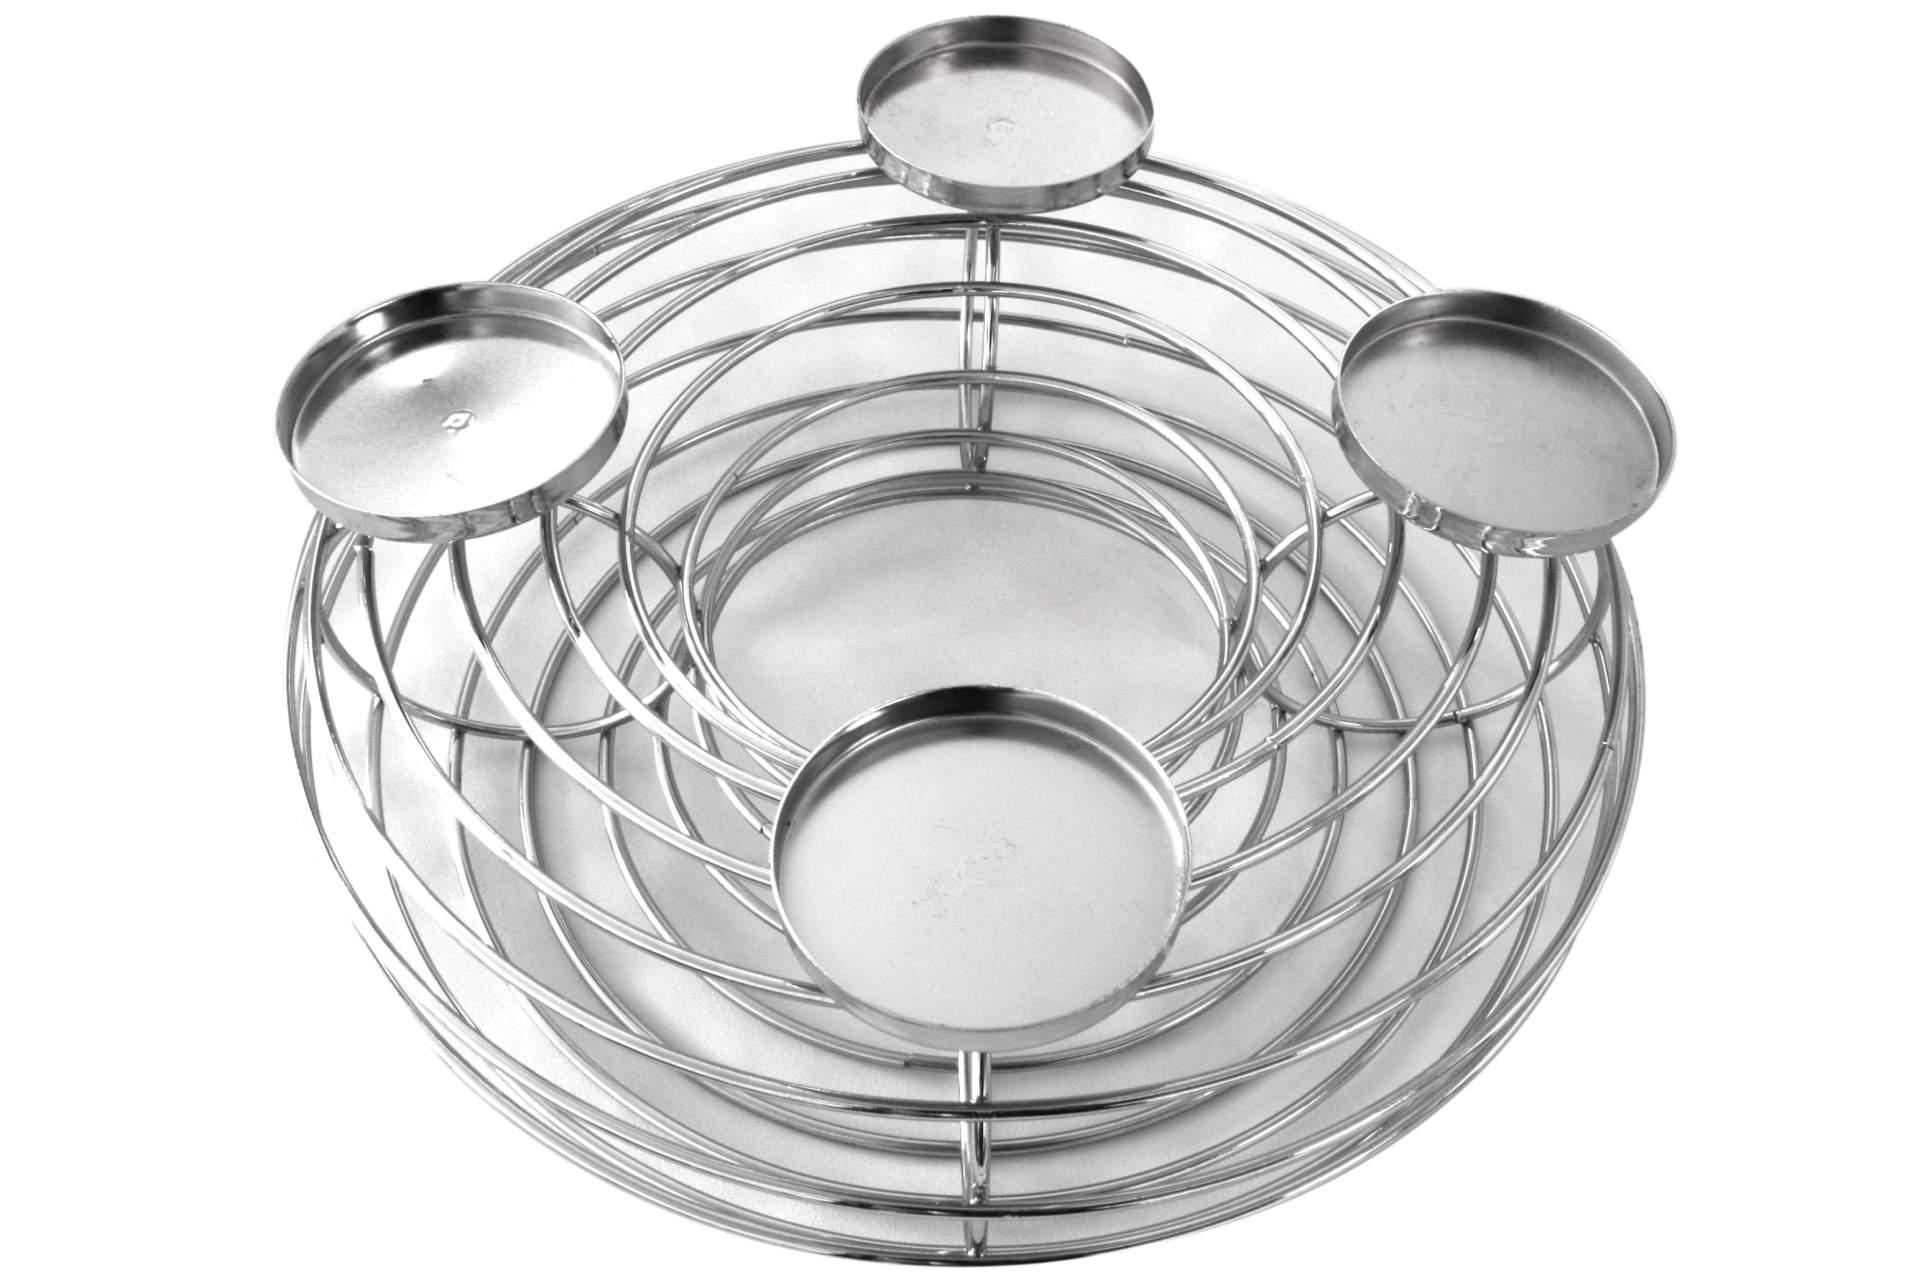 Deko adventskranz aus metall 34 cm mit 4 kerzenhalter kerze kranz advent neu eur 9 99 - Adventskranz aus metall dekorieren ...